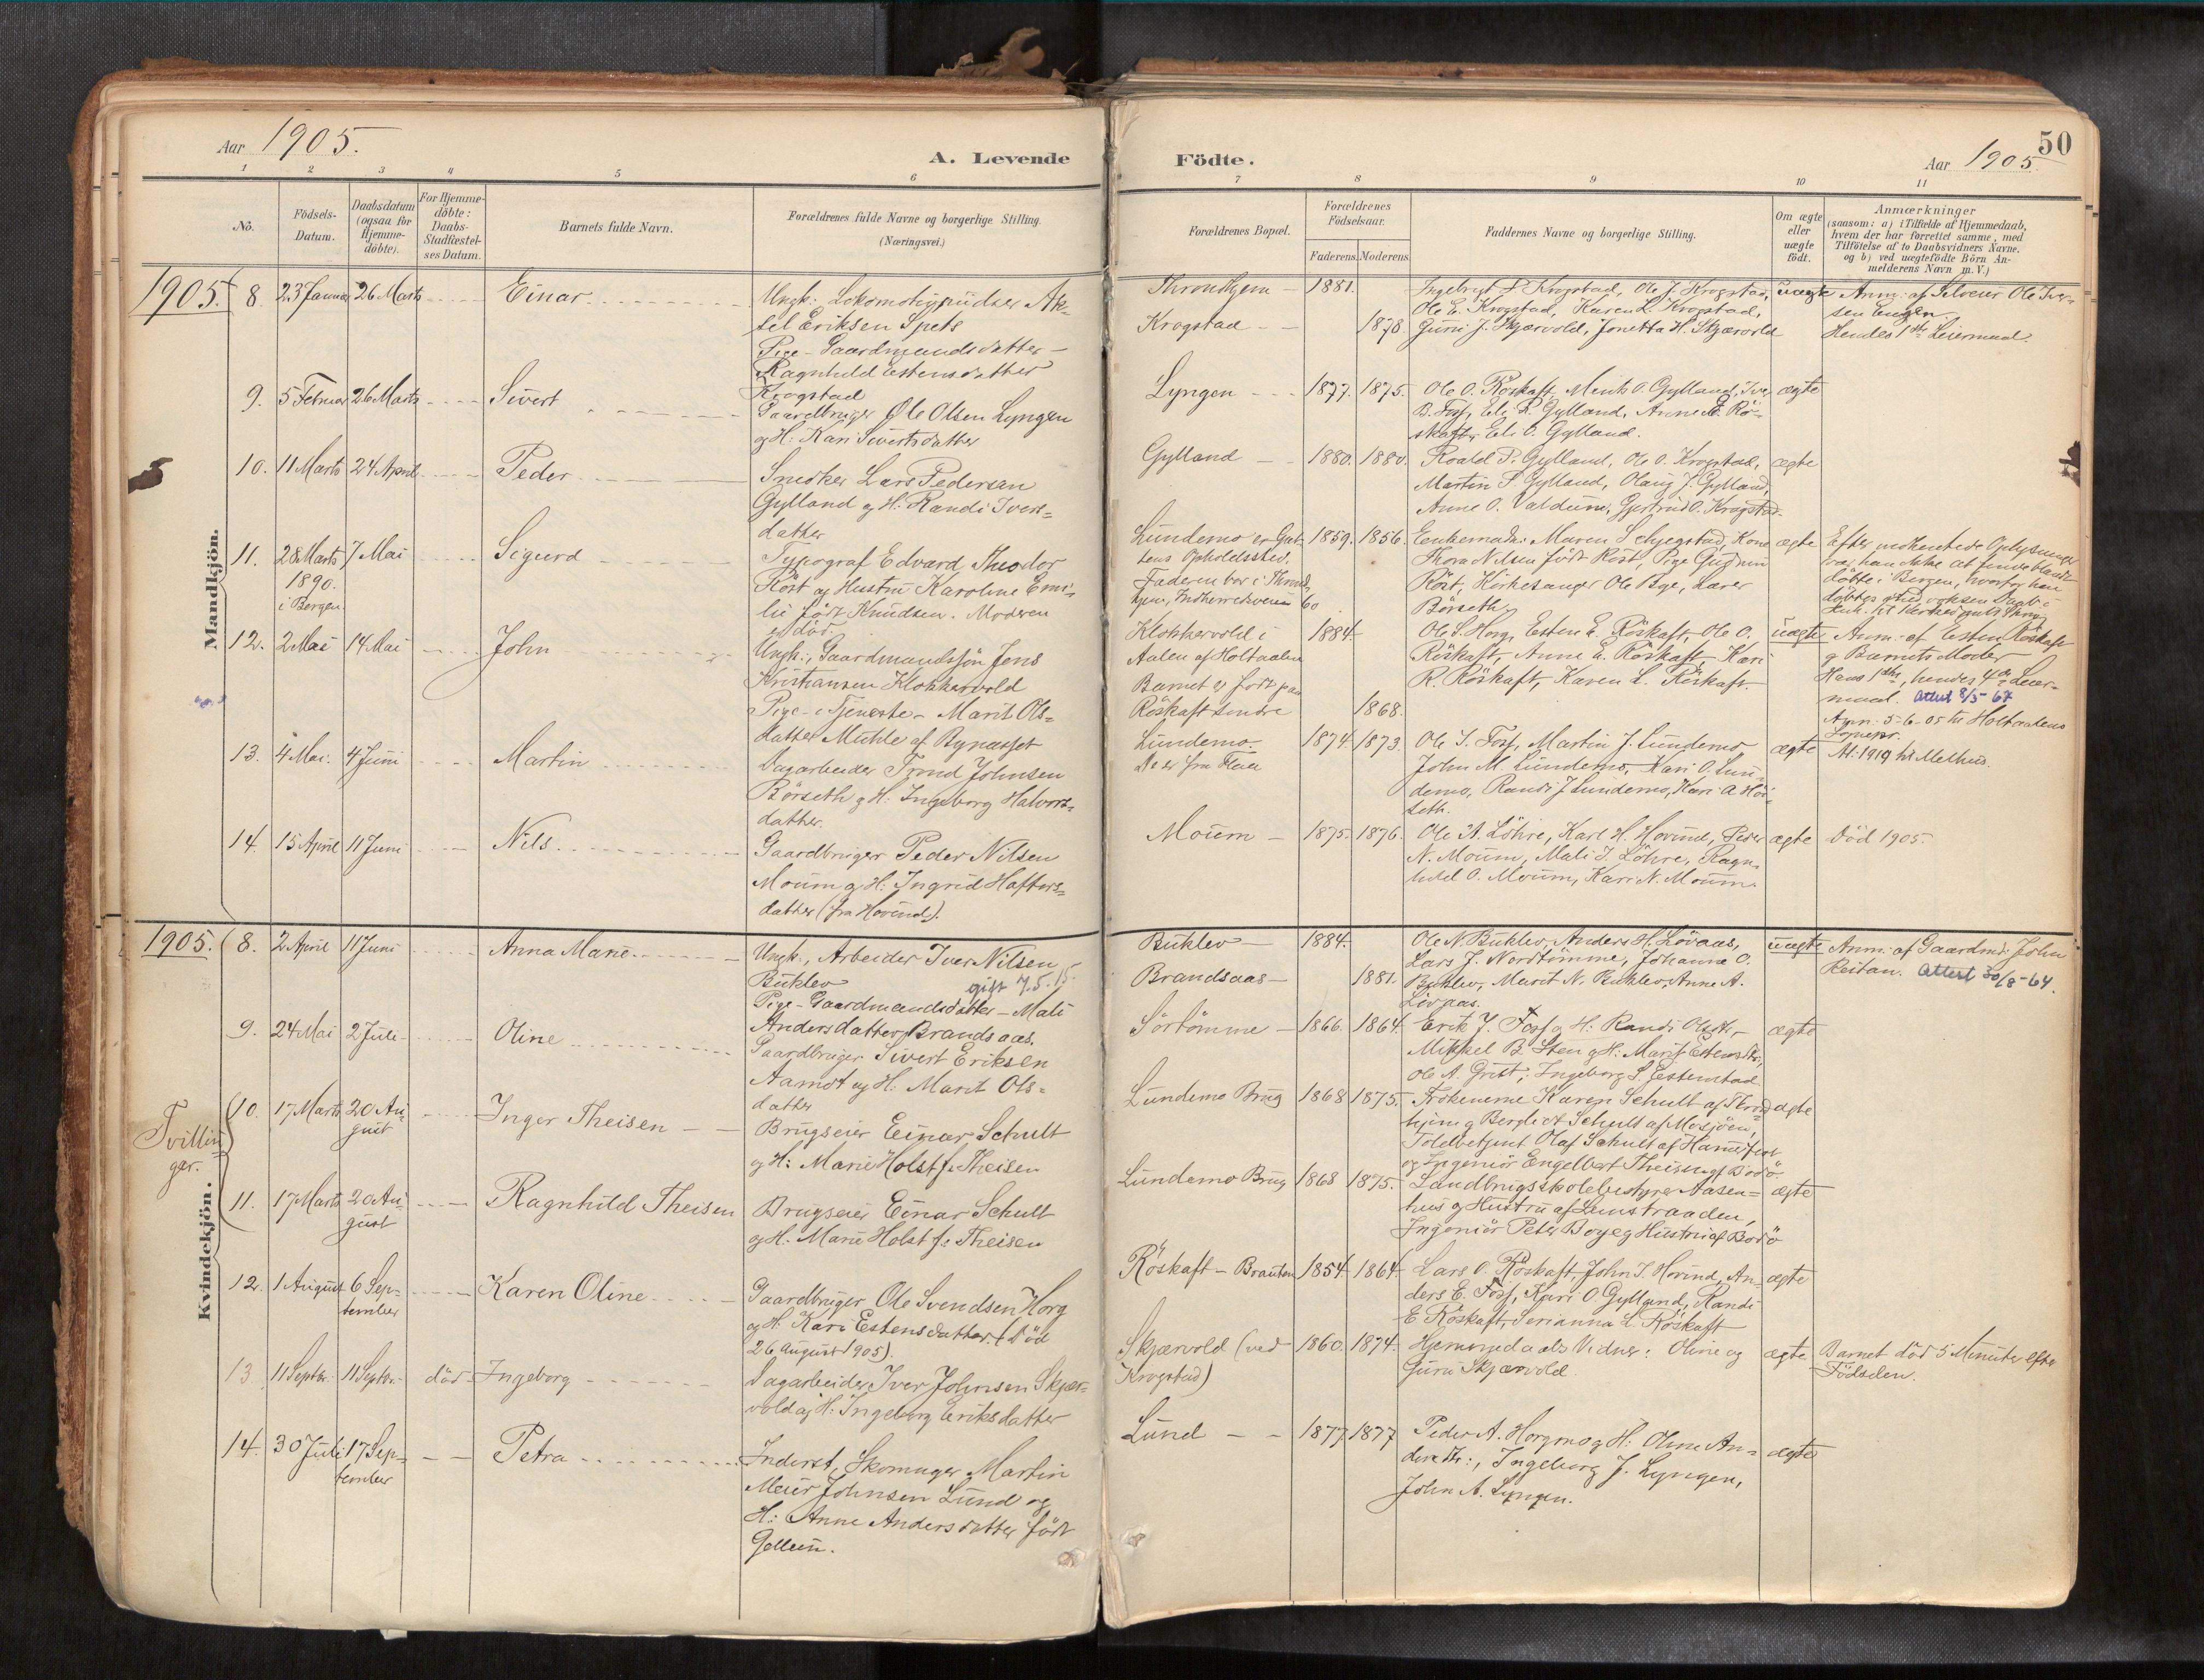 SAT, Ministerialprotokoller, klokkerbøker og fødselsregistre - Sør-Trøndelag, 692/L1105b: Ministerialbok nr. 692A06, 1891-1934, s. 50